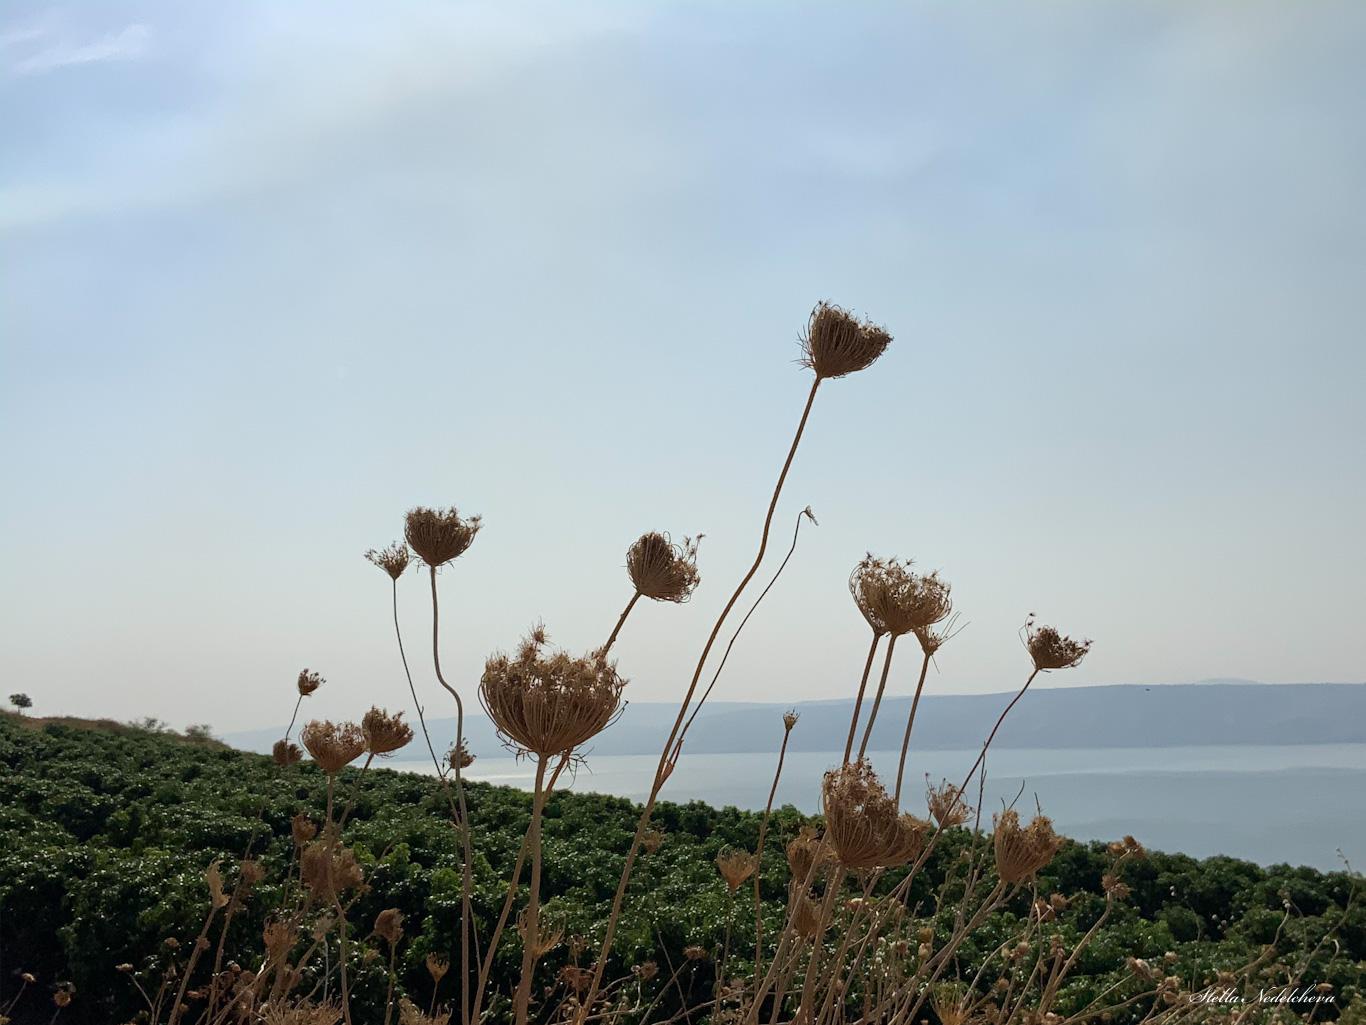 Fleurs sèches dans les environs de la mer de Galilée